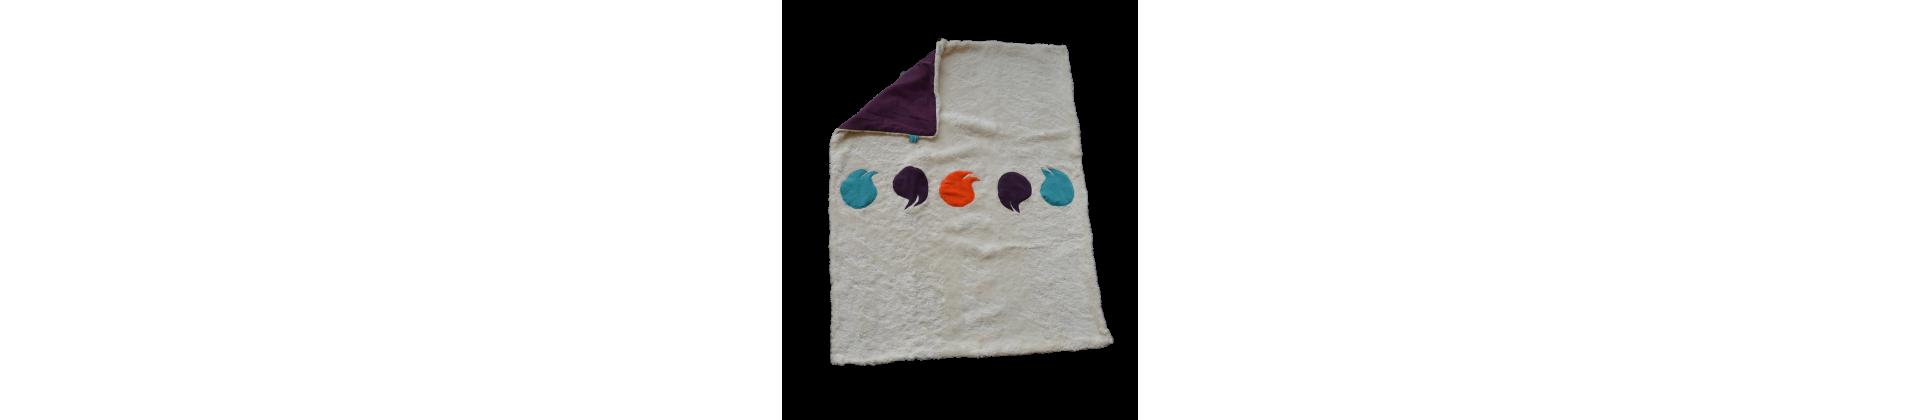 Des couvertures en coton bio, personalisable avec prénom de l'enfant